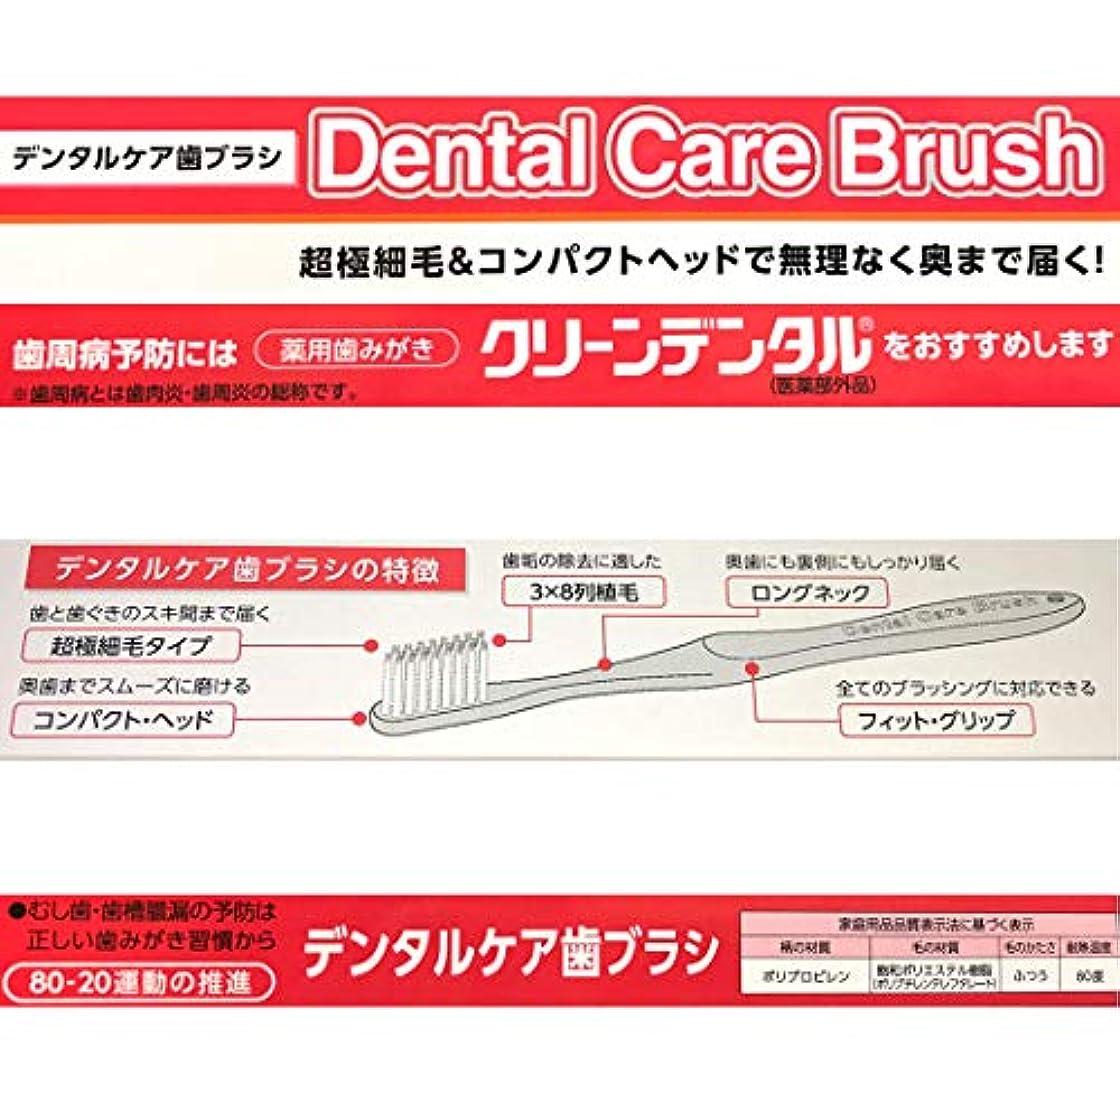 市場知覚する前【数量限定】超極細毛&コンパクトヘッド デンタルケア歯ブラシ (3本)